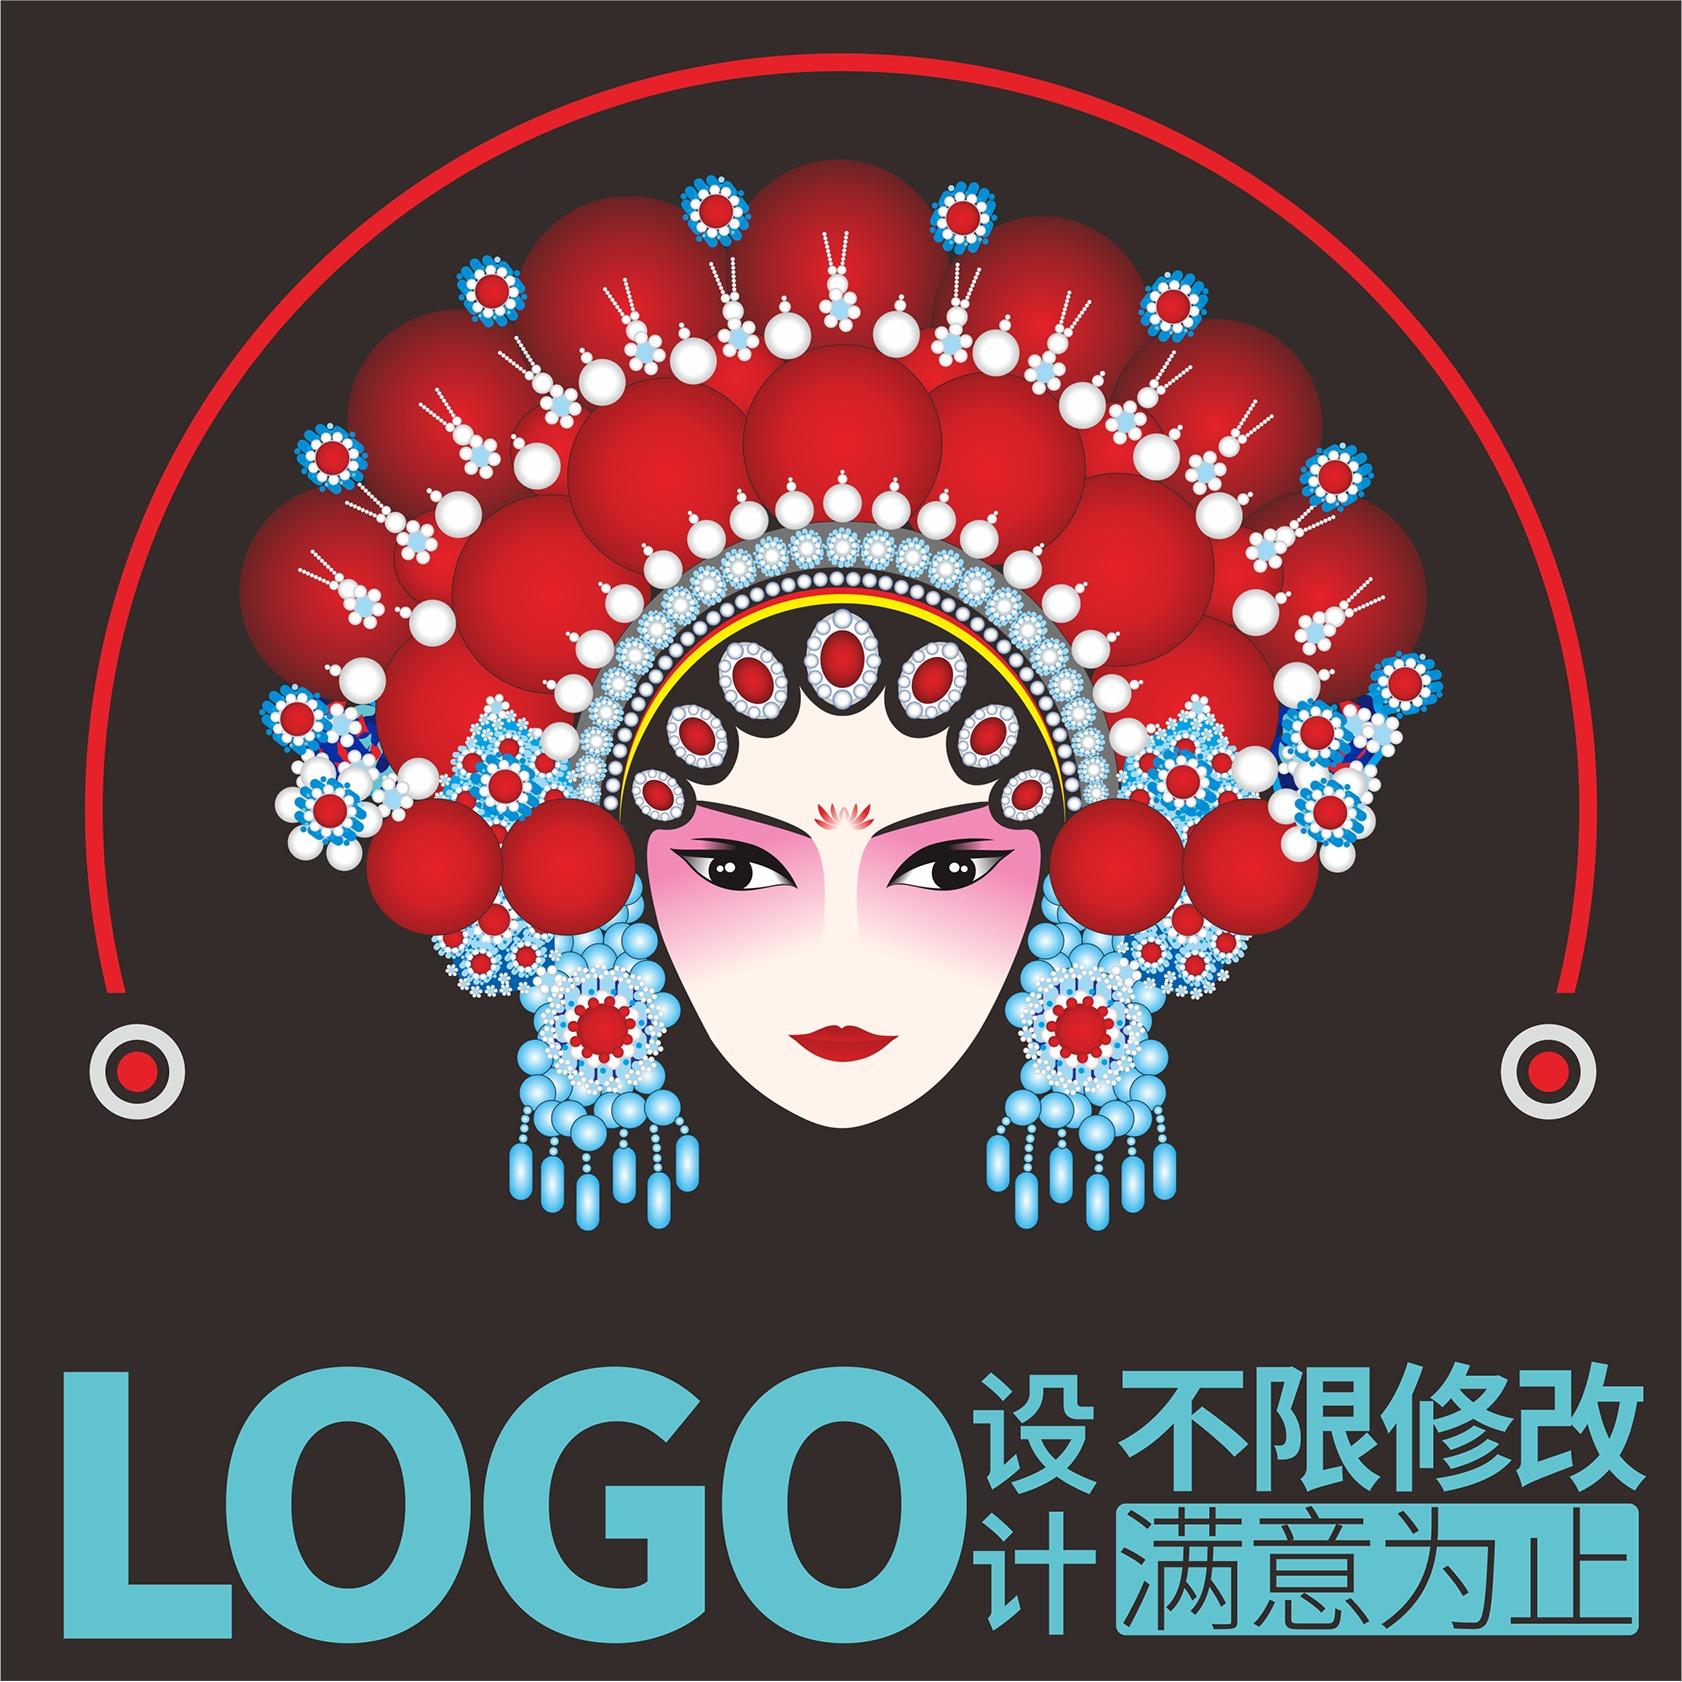 原创logo设计/企业公司标志商标字体餐饮金融科技网站品牌